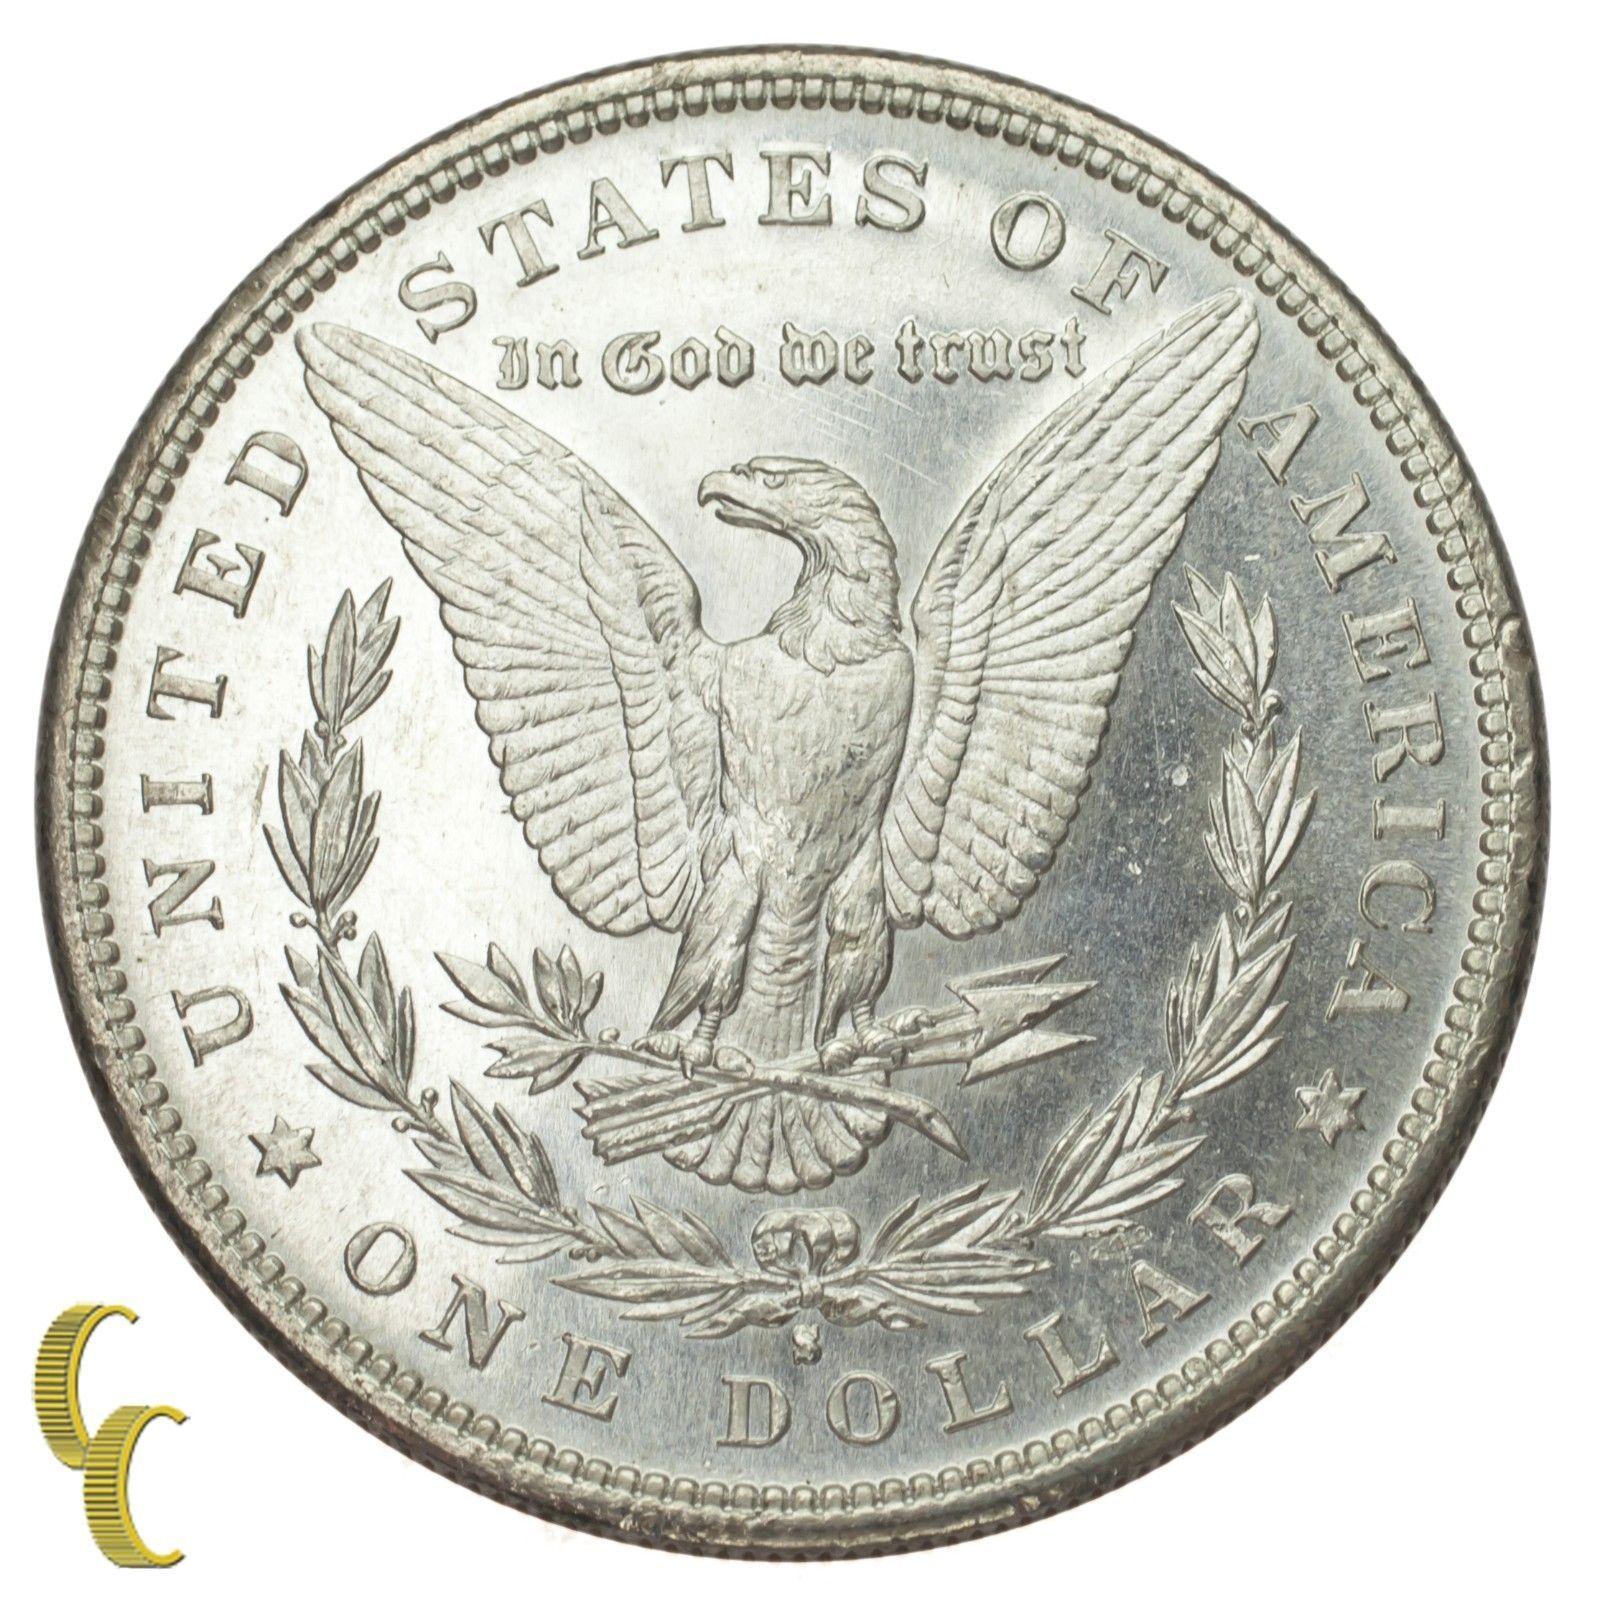 1881-S Silver Morgan Dollar $1 (Gem BU Condition) Terrific Eye Appeal!